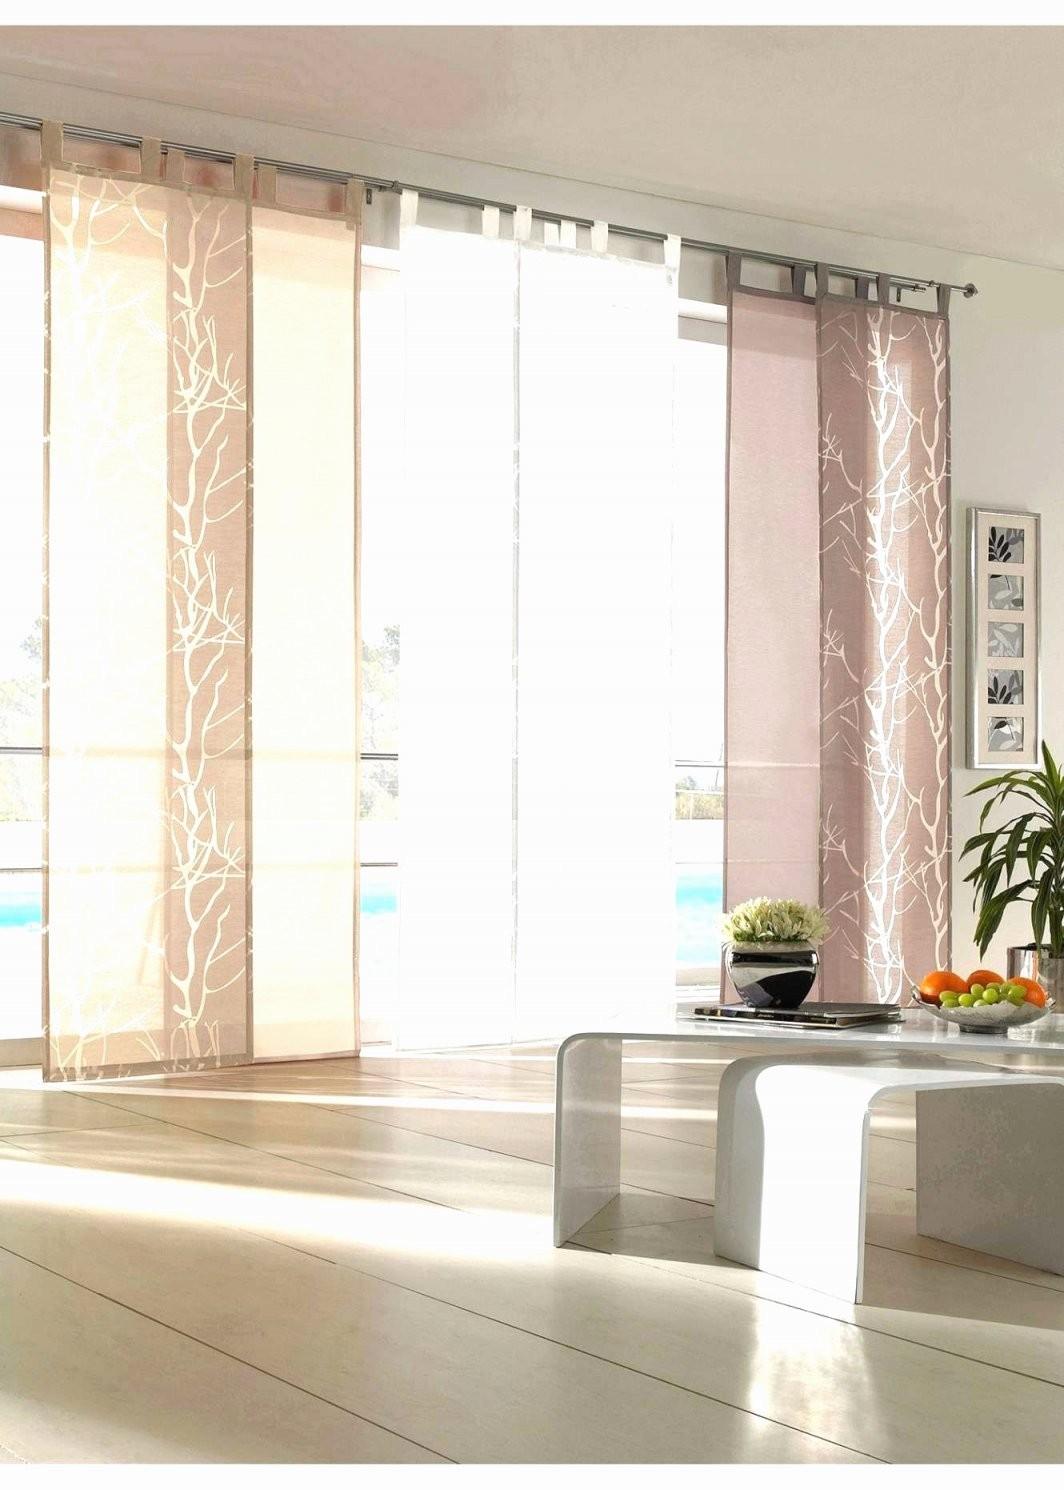 47 Einzigartig Aktuelle Gardinen Trends  Sabiya Yasmin Furniture Homes von Gardinen Trends Fürs Wohnzimmer Bild